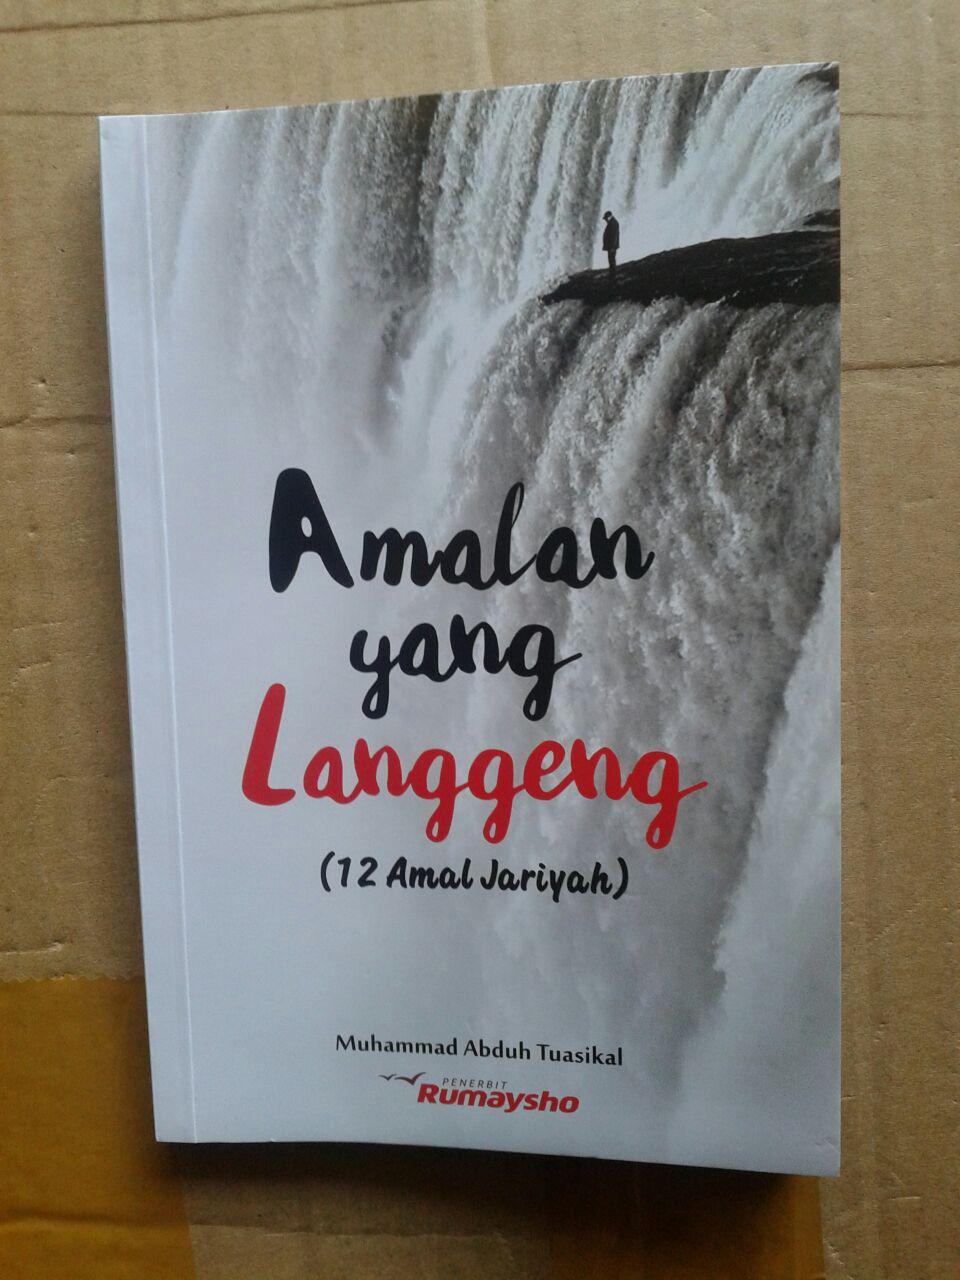 Buku Amalan Yang Langgeng 12 Amalan Jariyah cover